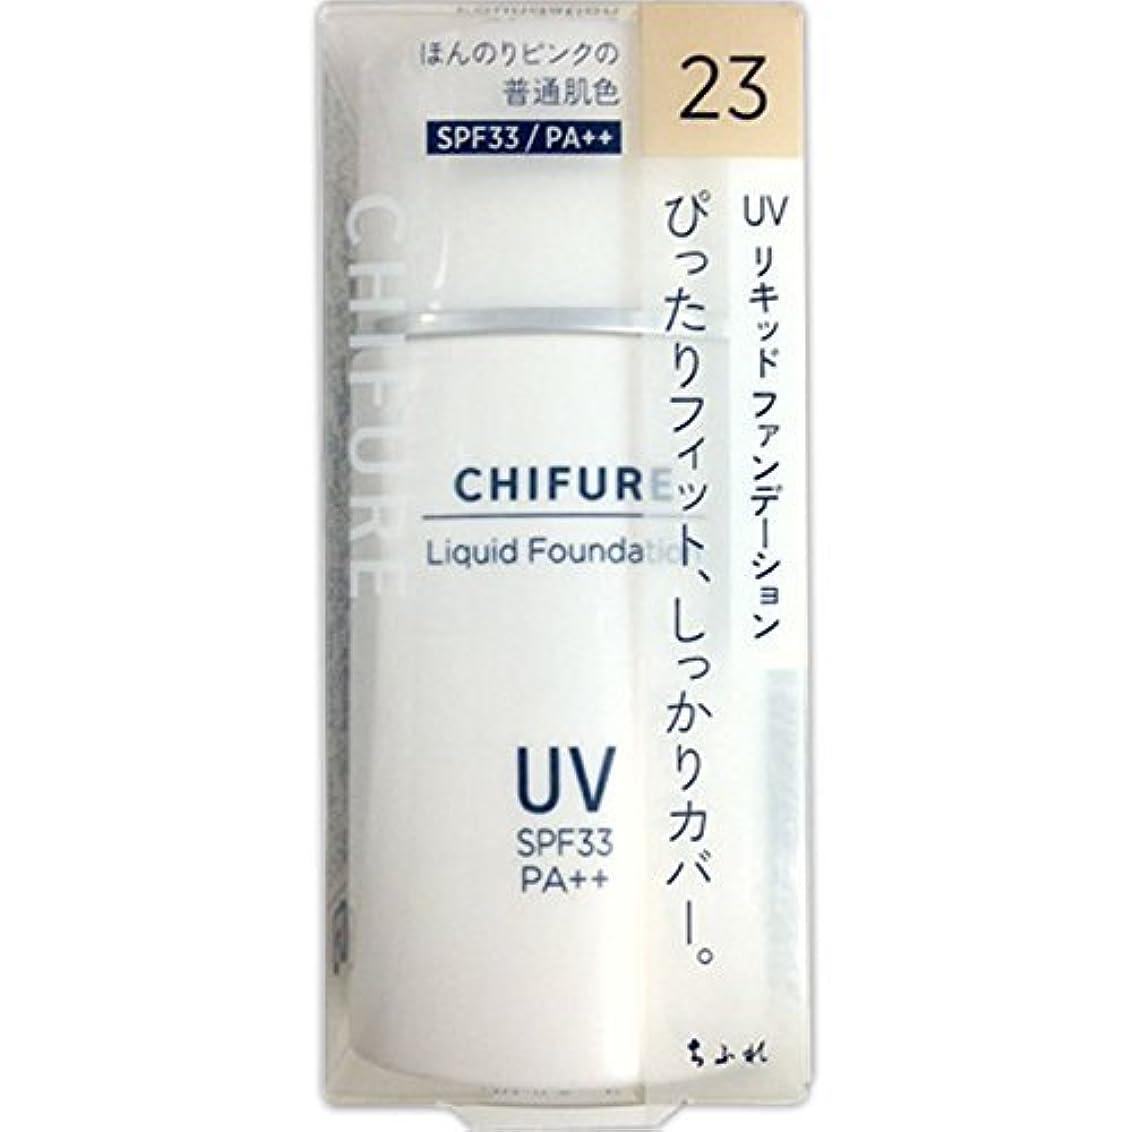 評判たまに操るちふれ化粧品 UV リキッド ファンデーション 23 ほんのりピンク普通肌色 30ML